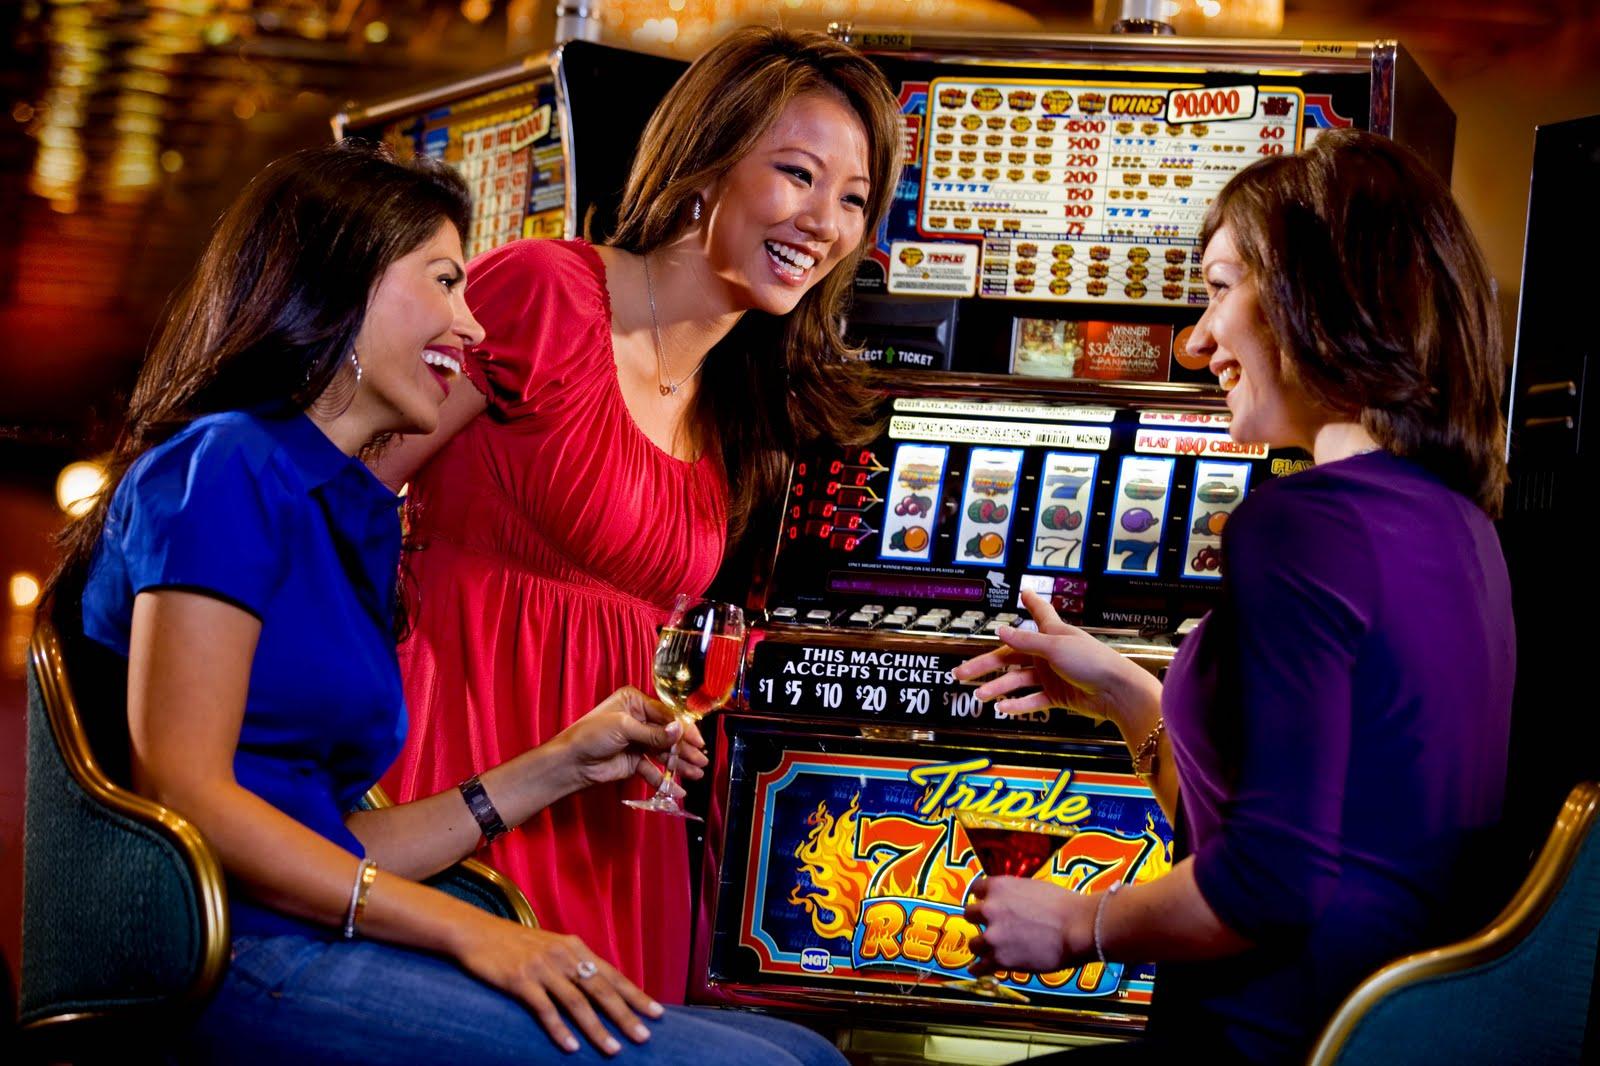 казино вулкан играть на деньги с телефона